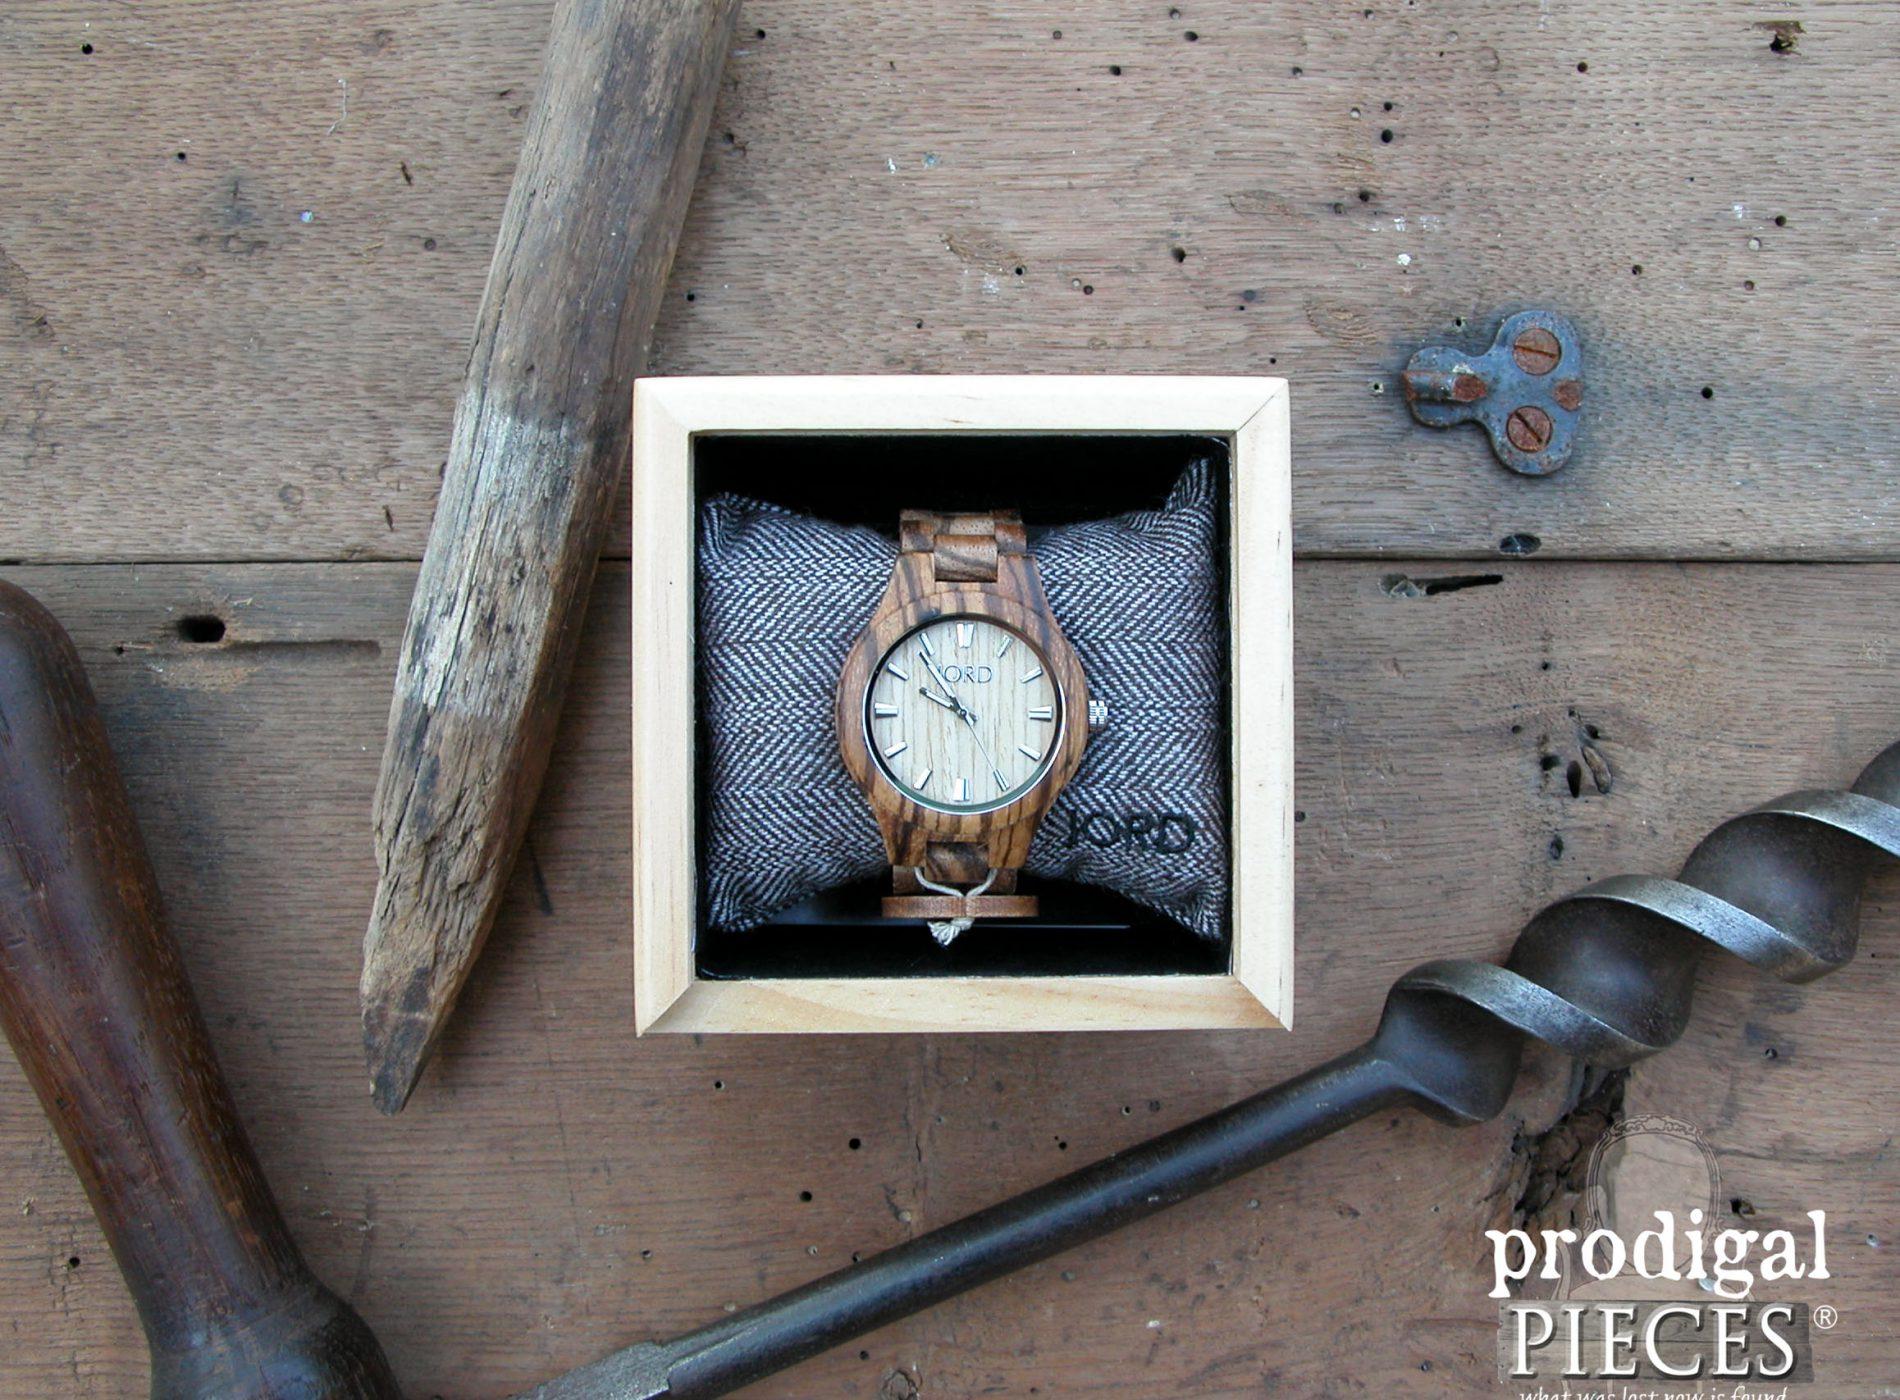 JORD Wood Watch Fieldcrest Zebra Wood & Maple Review by Prodigal Pieces | www.prodigalpieces.com